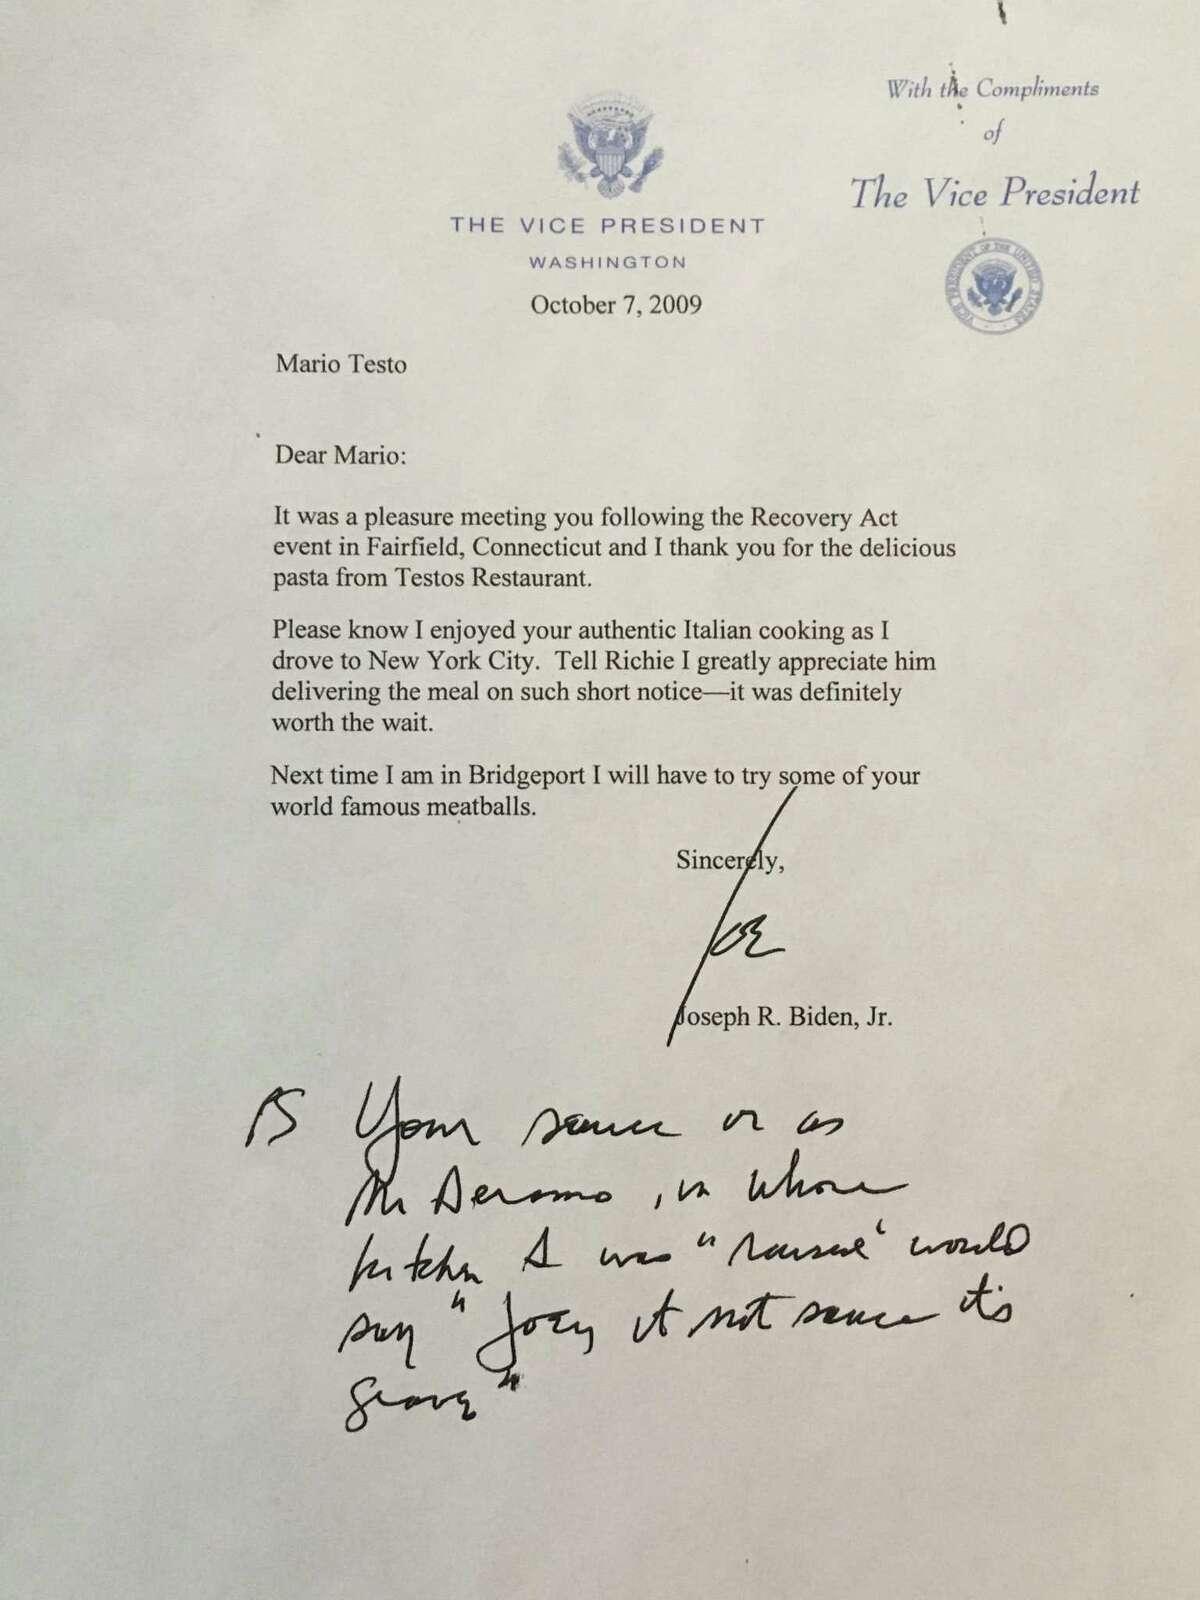 A letter from Joe Biden to Mario Testa